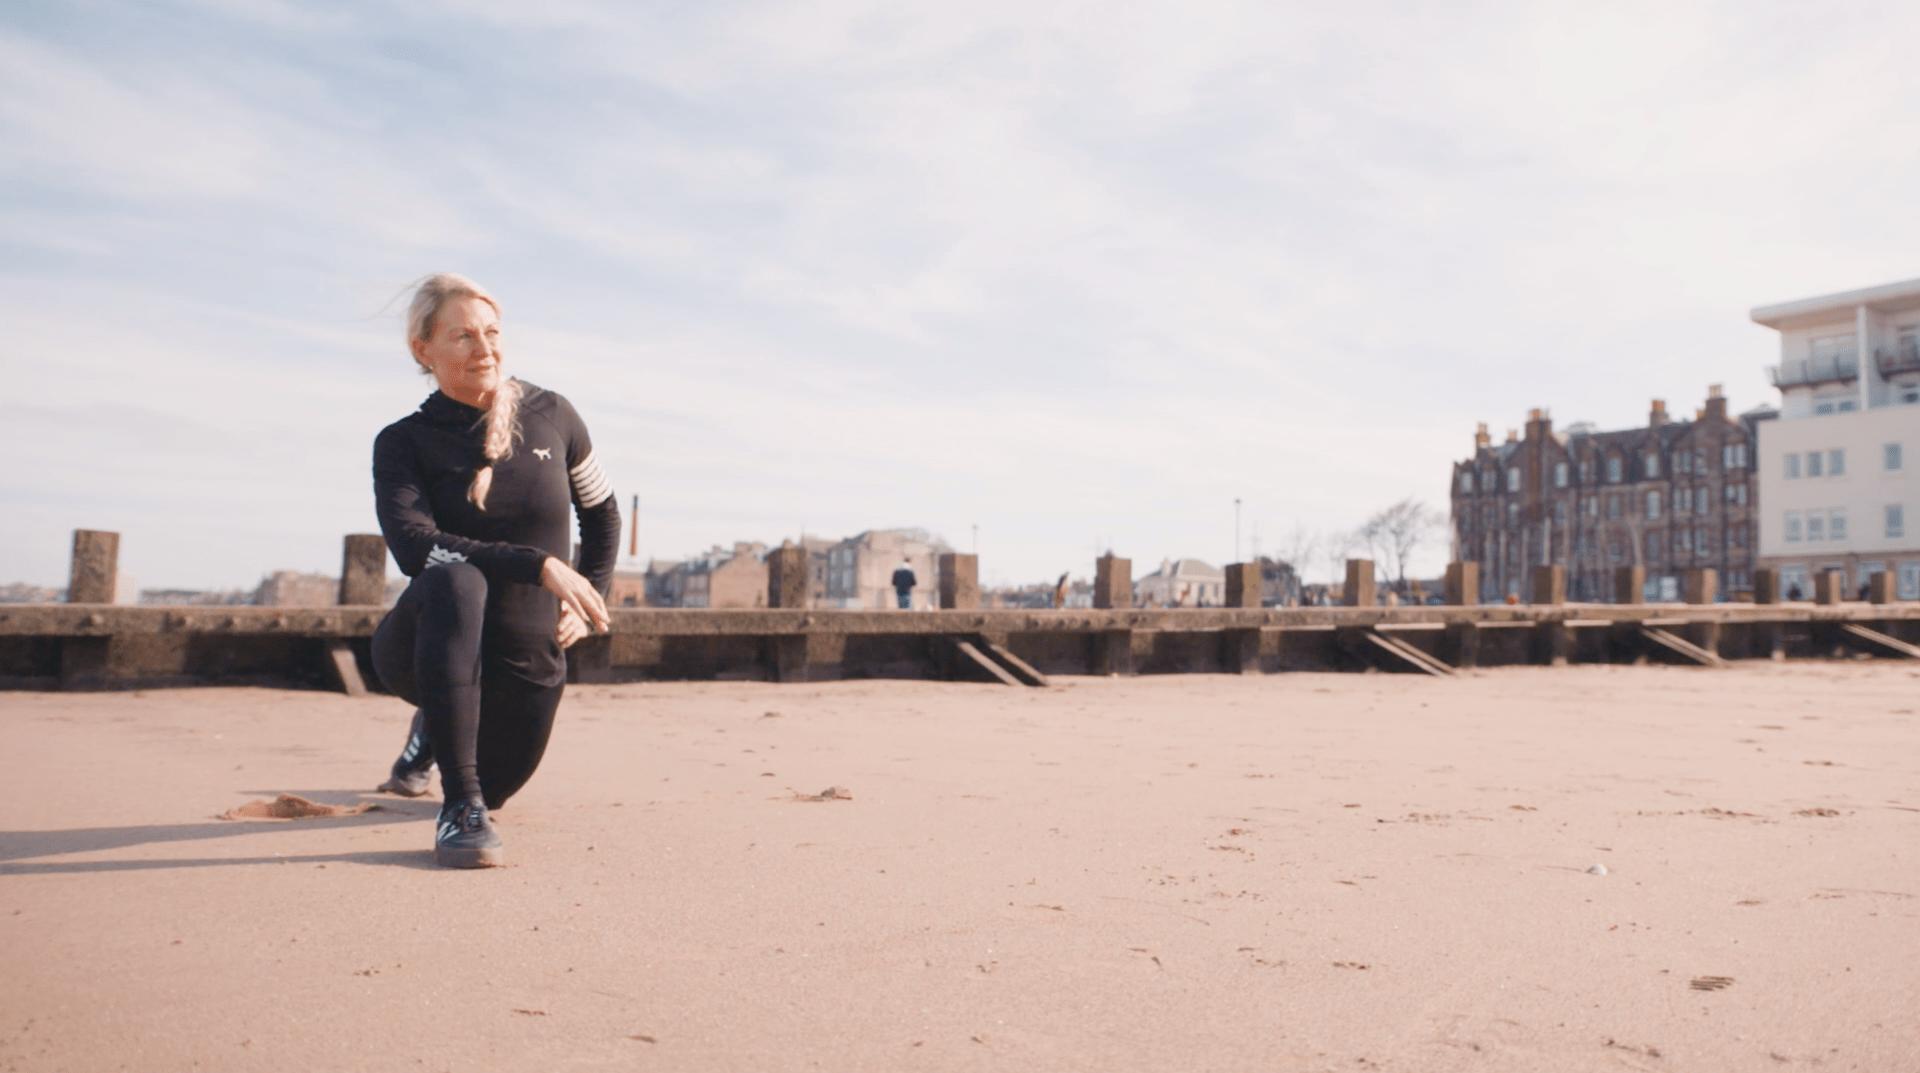 Un dévouement sans faille, un sens aigu de l'organisation et une vision à long terme sont autant d'atouts puisés dans le powerlifting qui font d'Anneli Ritari-Stewart une des principales actrices modernes de l'économie numérique d'aujourd'hui. – Anneli Ritari-Stewart, Championne de powerlifting, Écosse